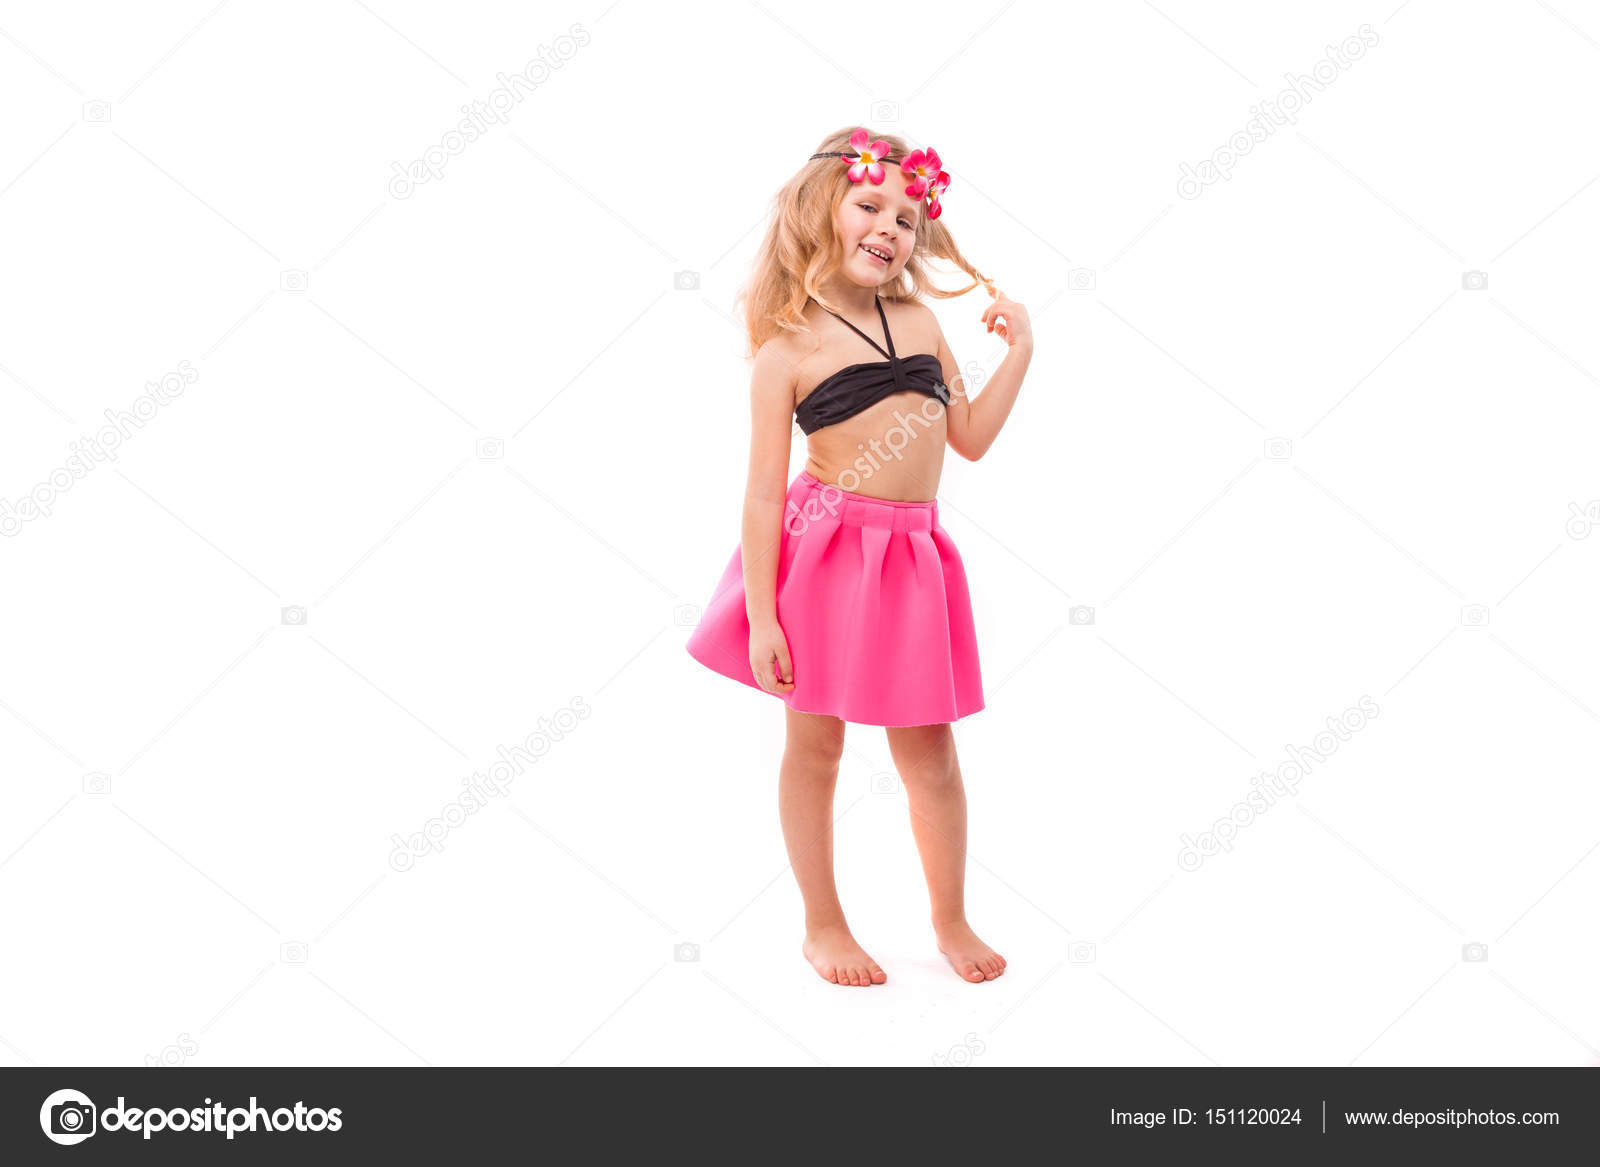 Фото бикини под юбкой #9